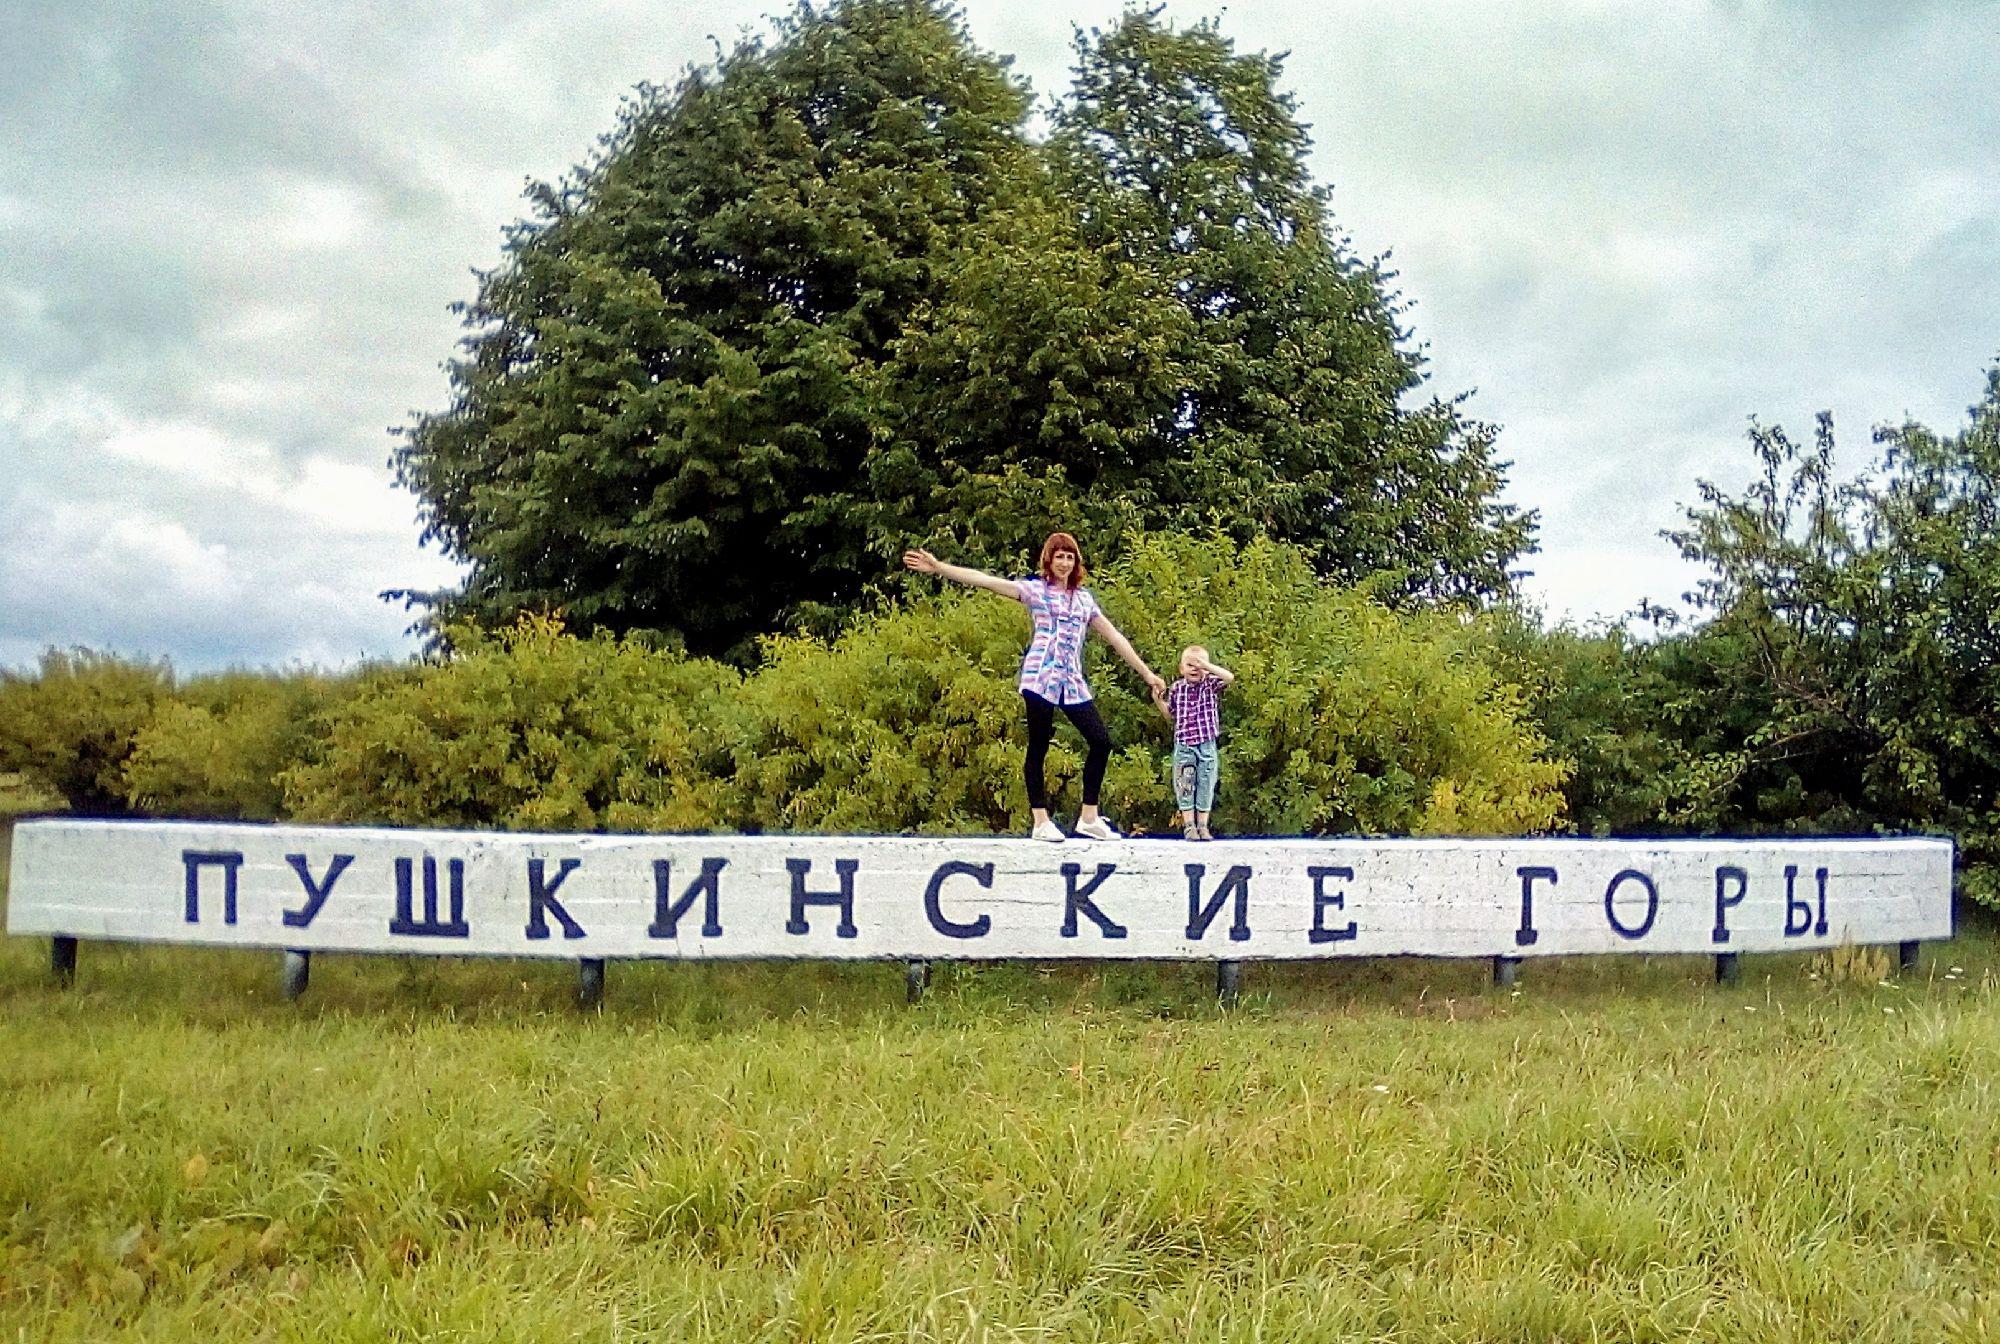 Команда в клетчатых рубашках доехала до Пушкинских гор!